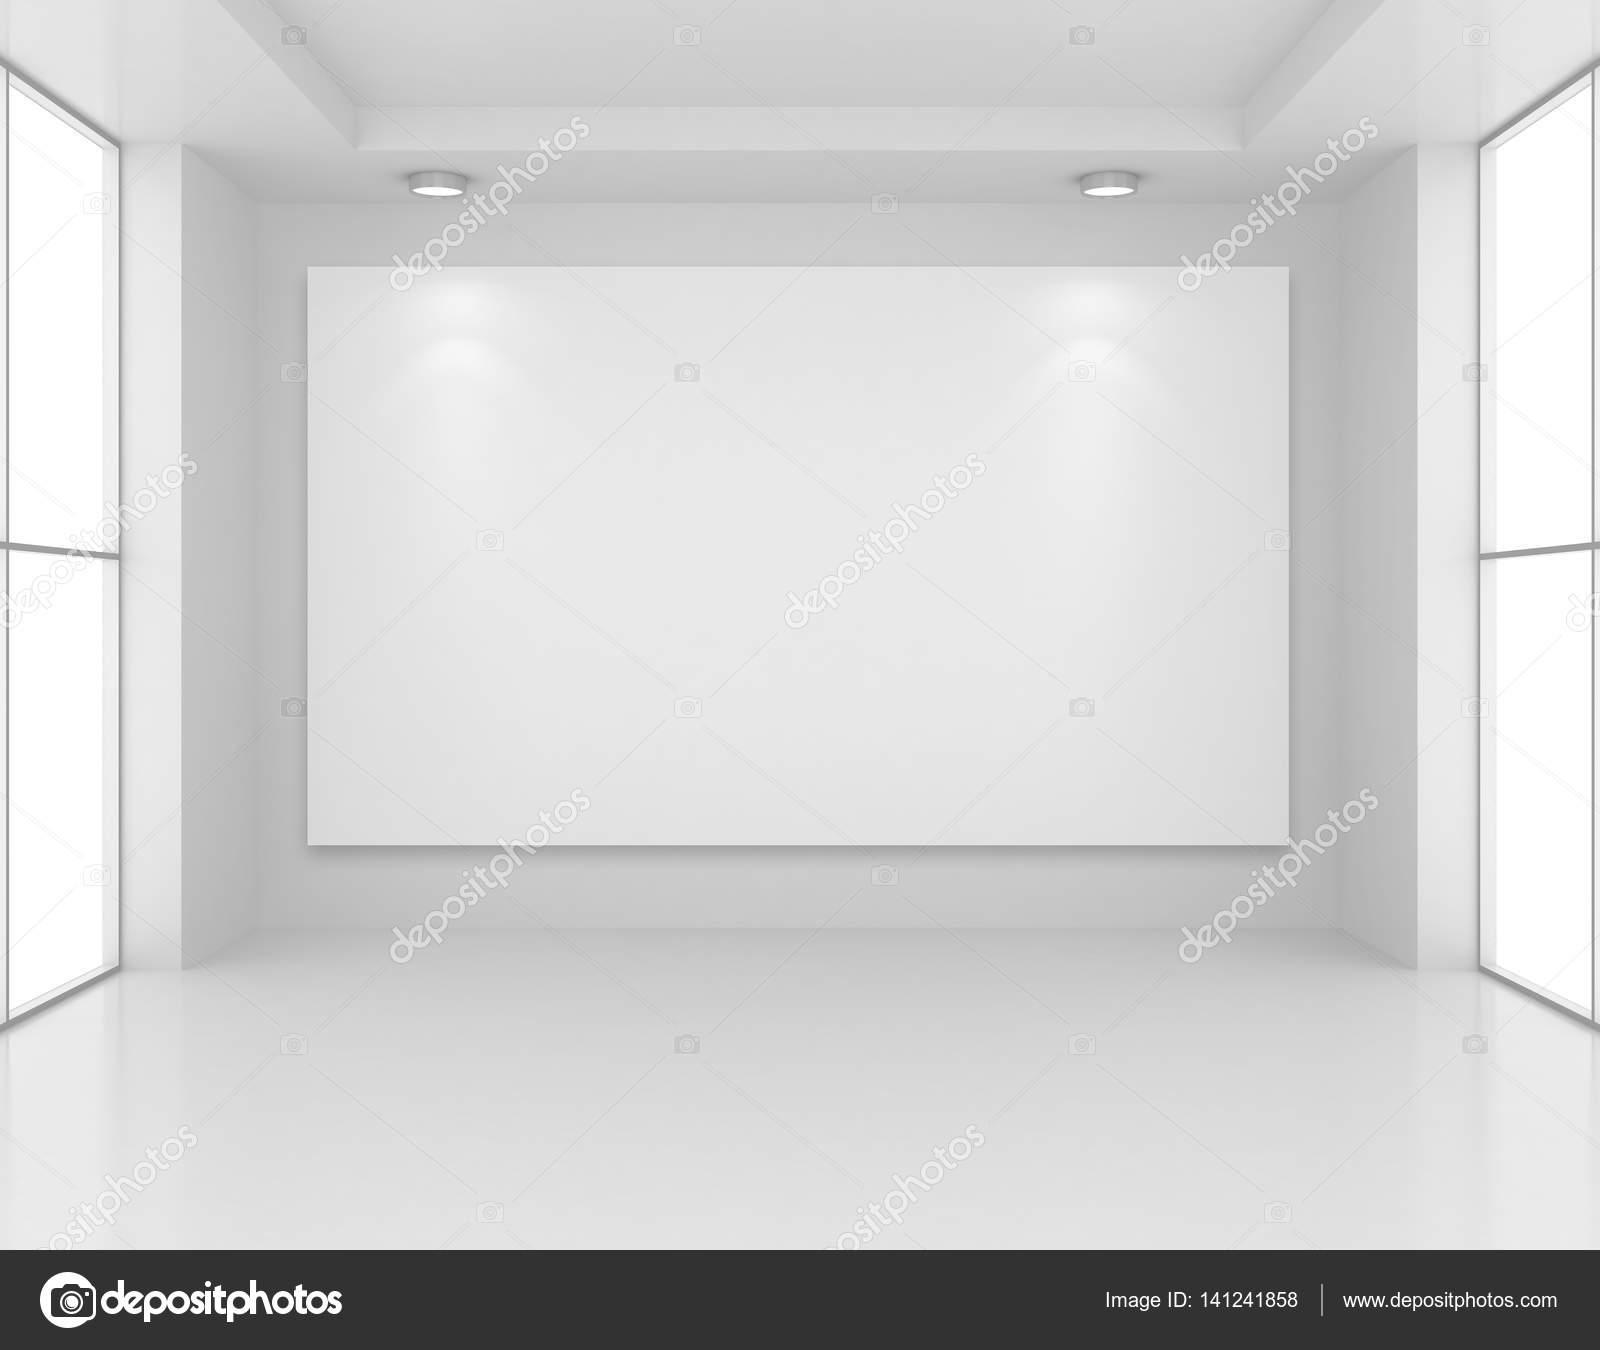 Galerie-Interieur mit leeren Rahmen an Wand und Lichter. 3D ...